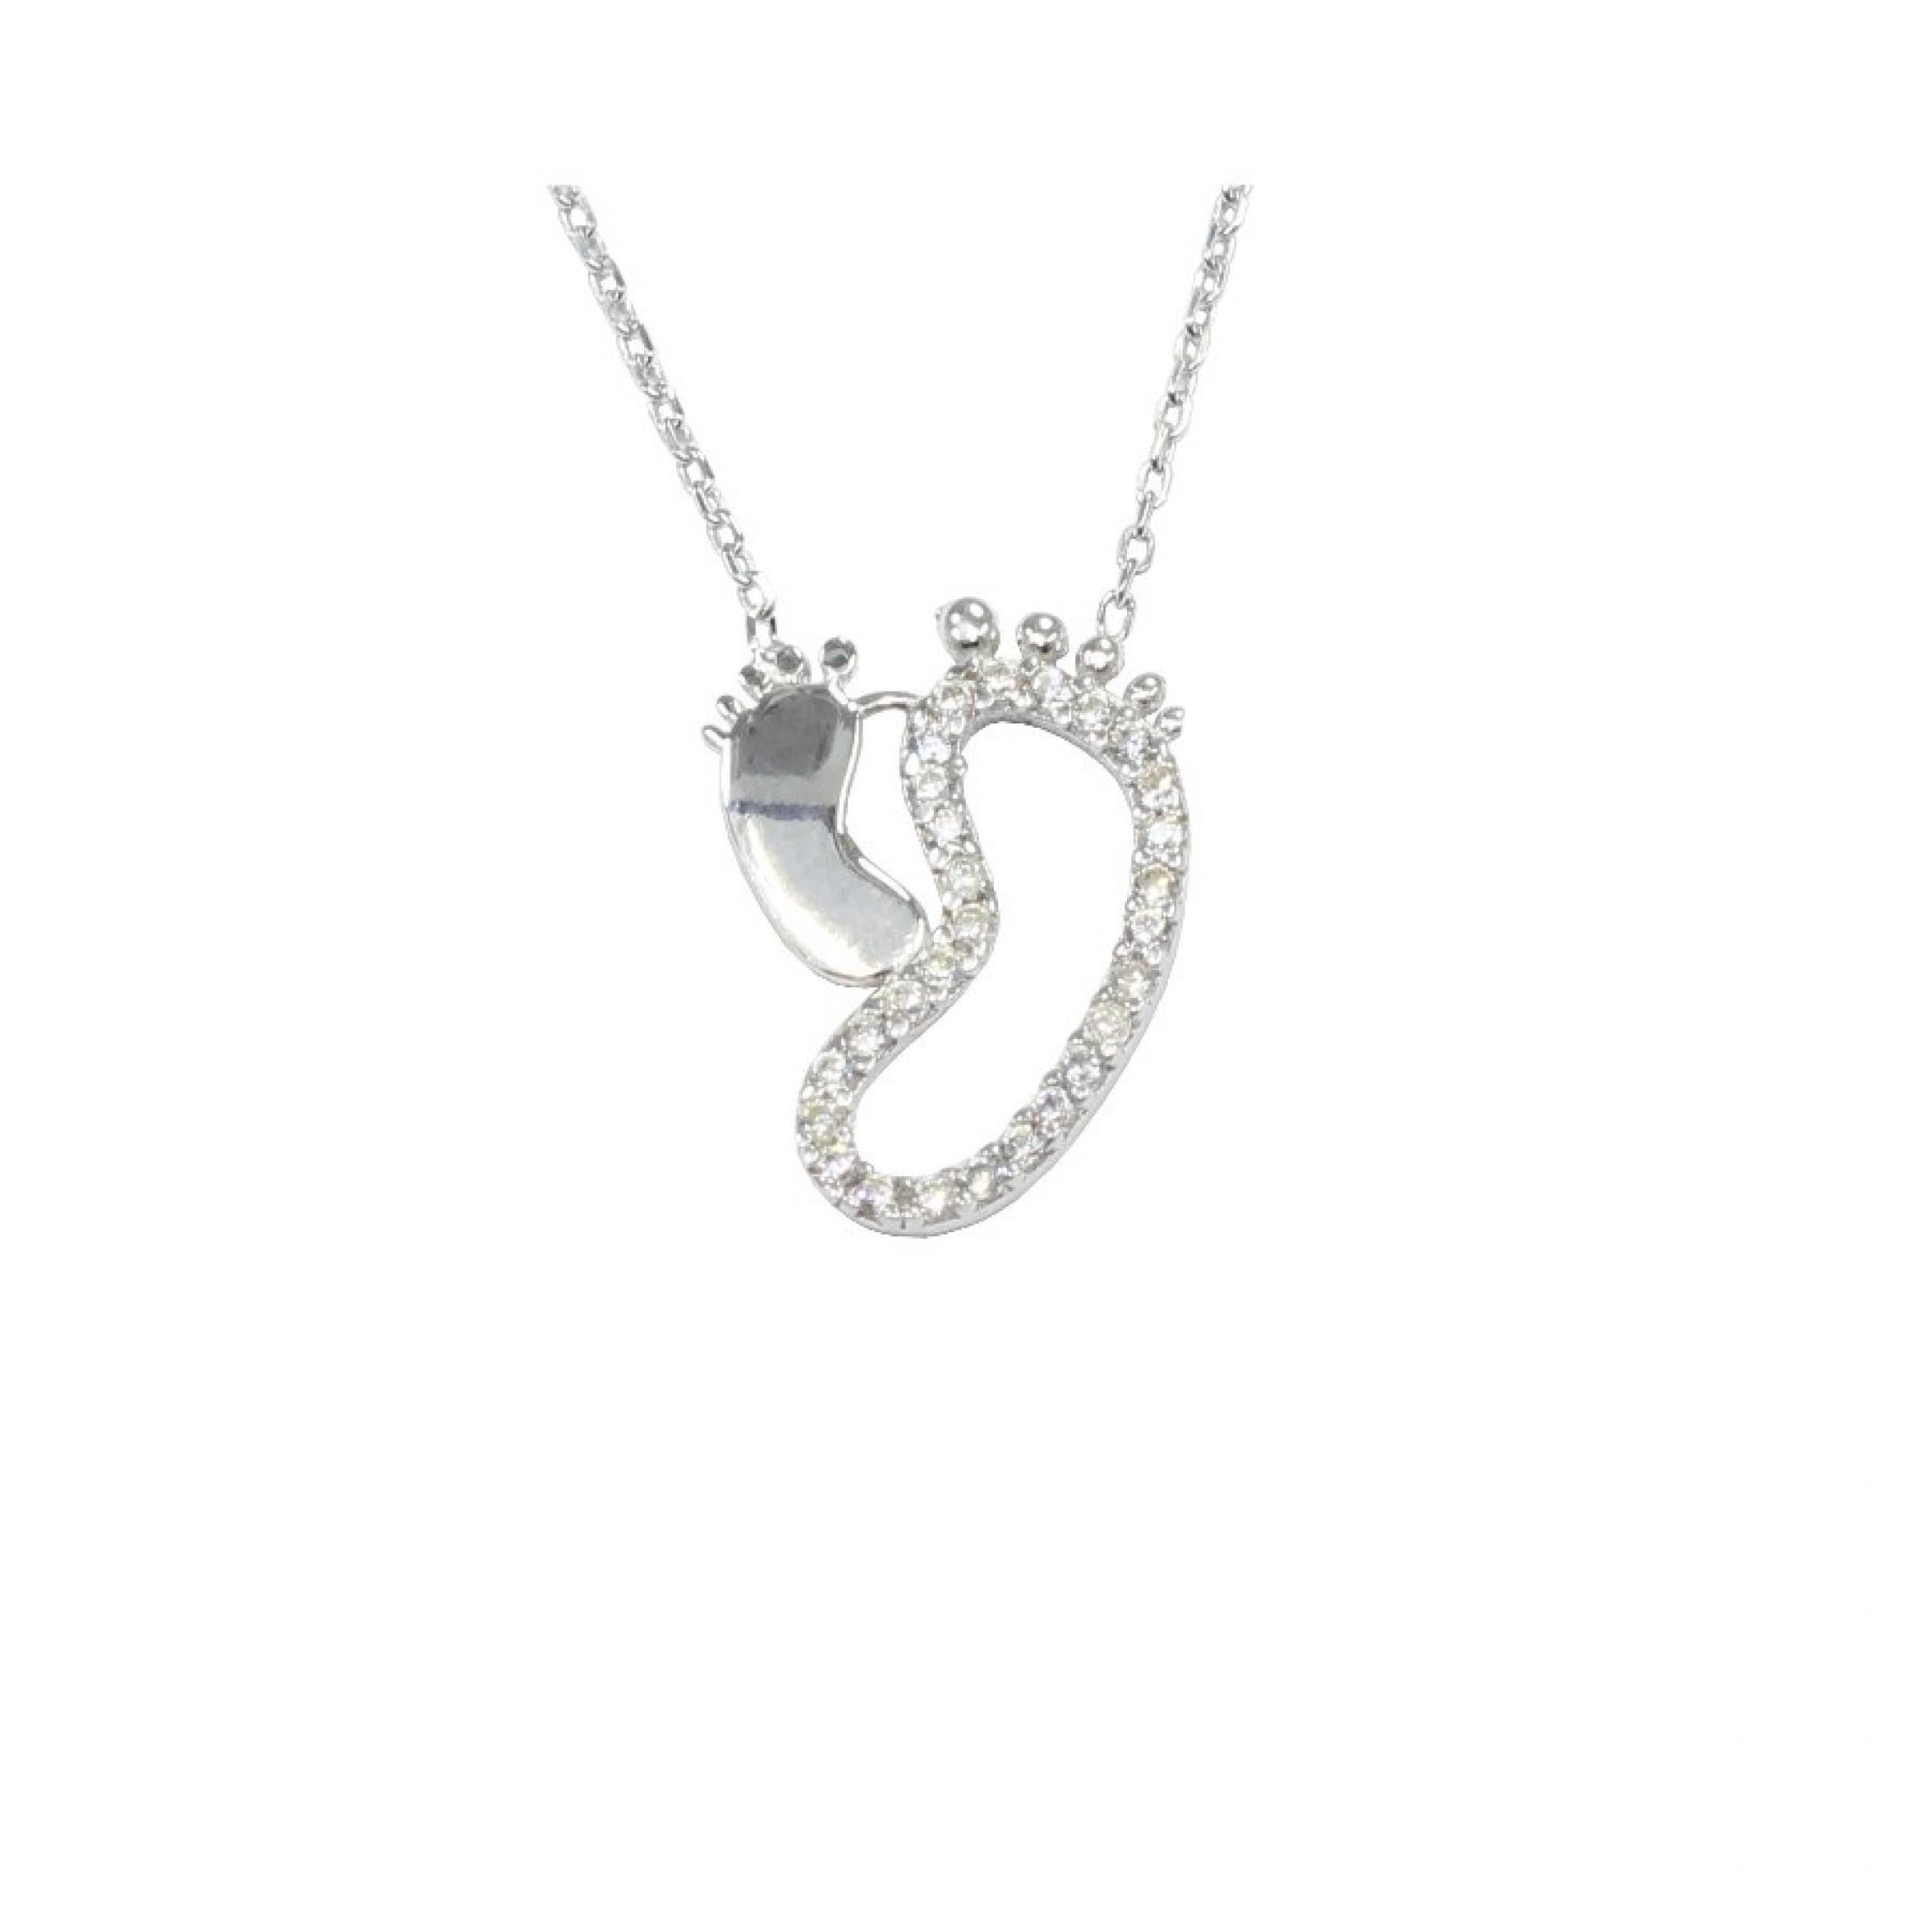 SN-487 Evil Eye 925 Sterling Silver CZ Necklace